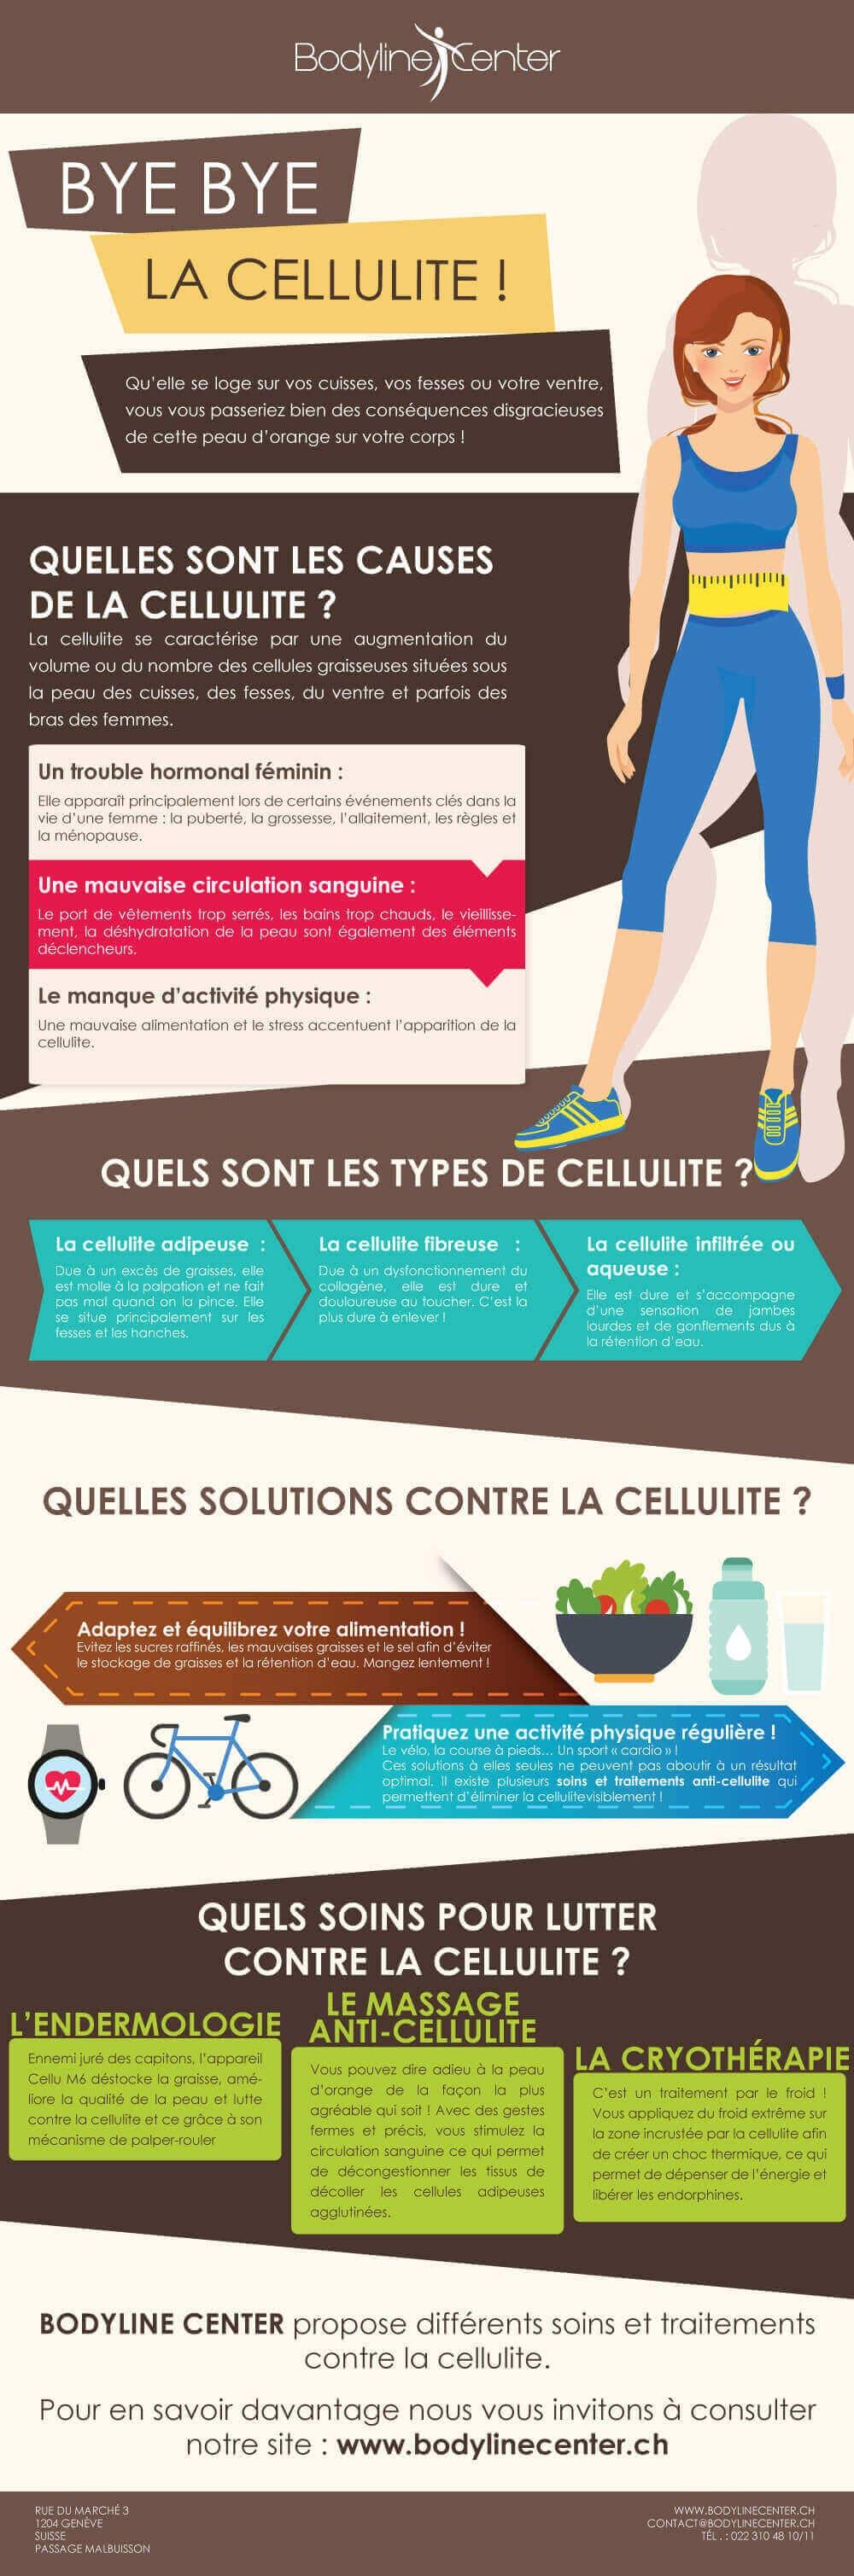 Infographie Bye Bye la cellulite